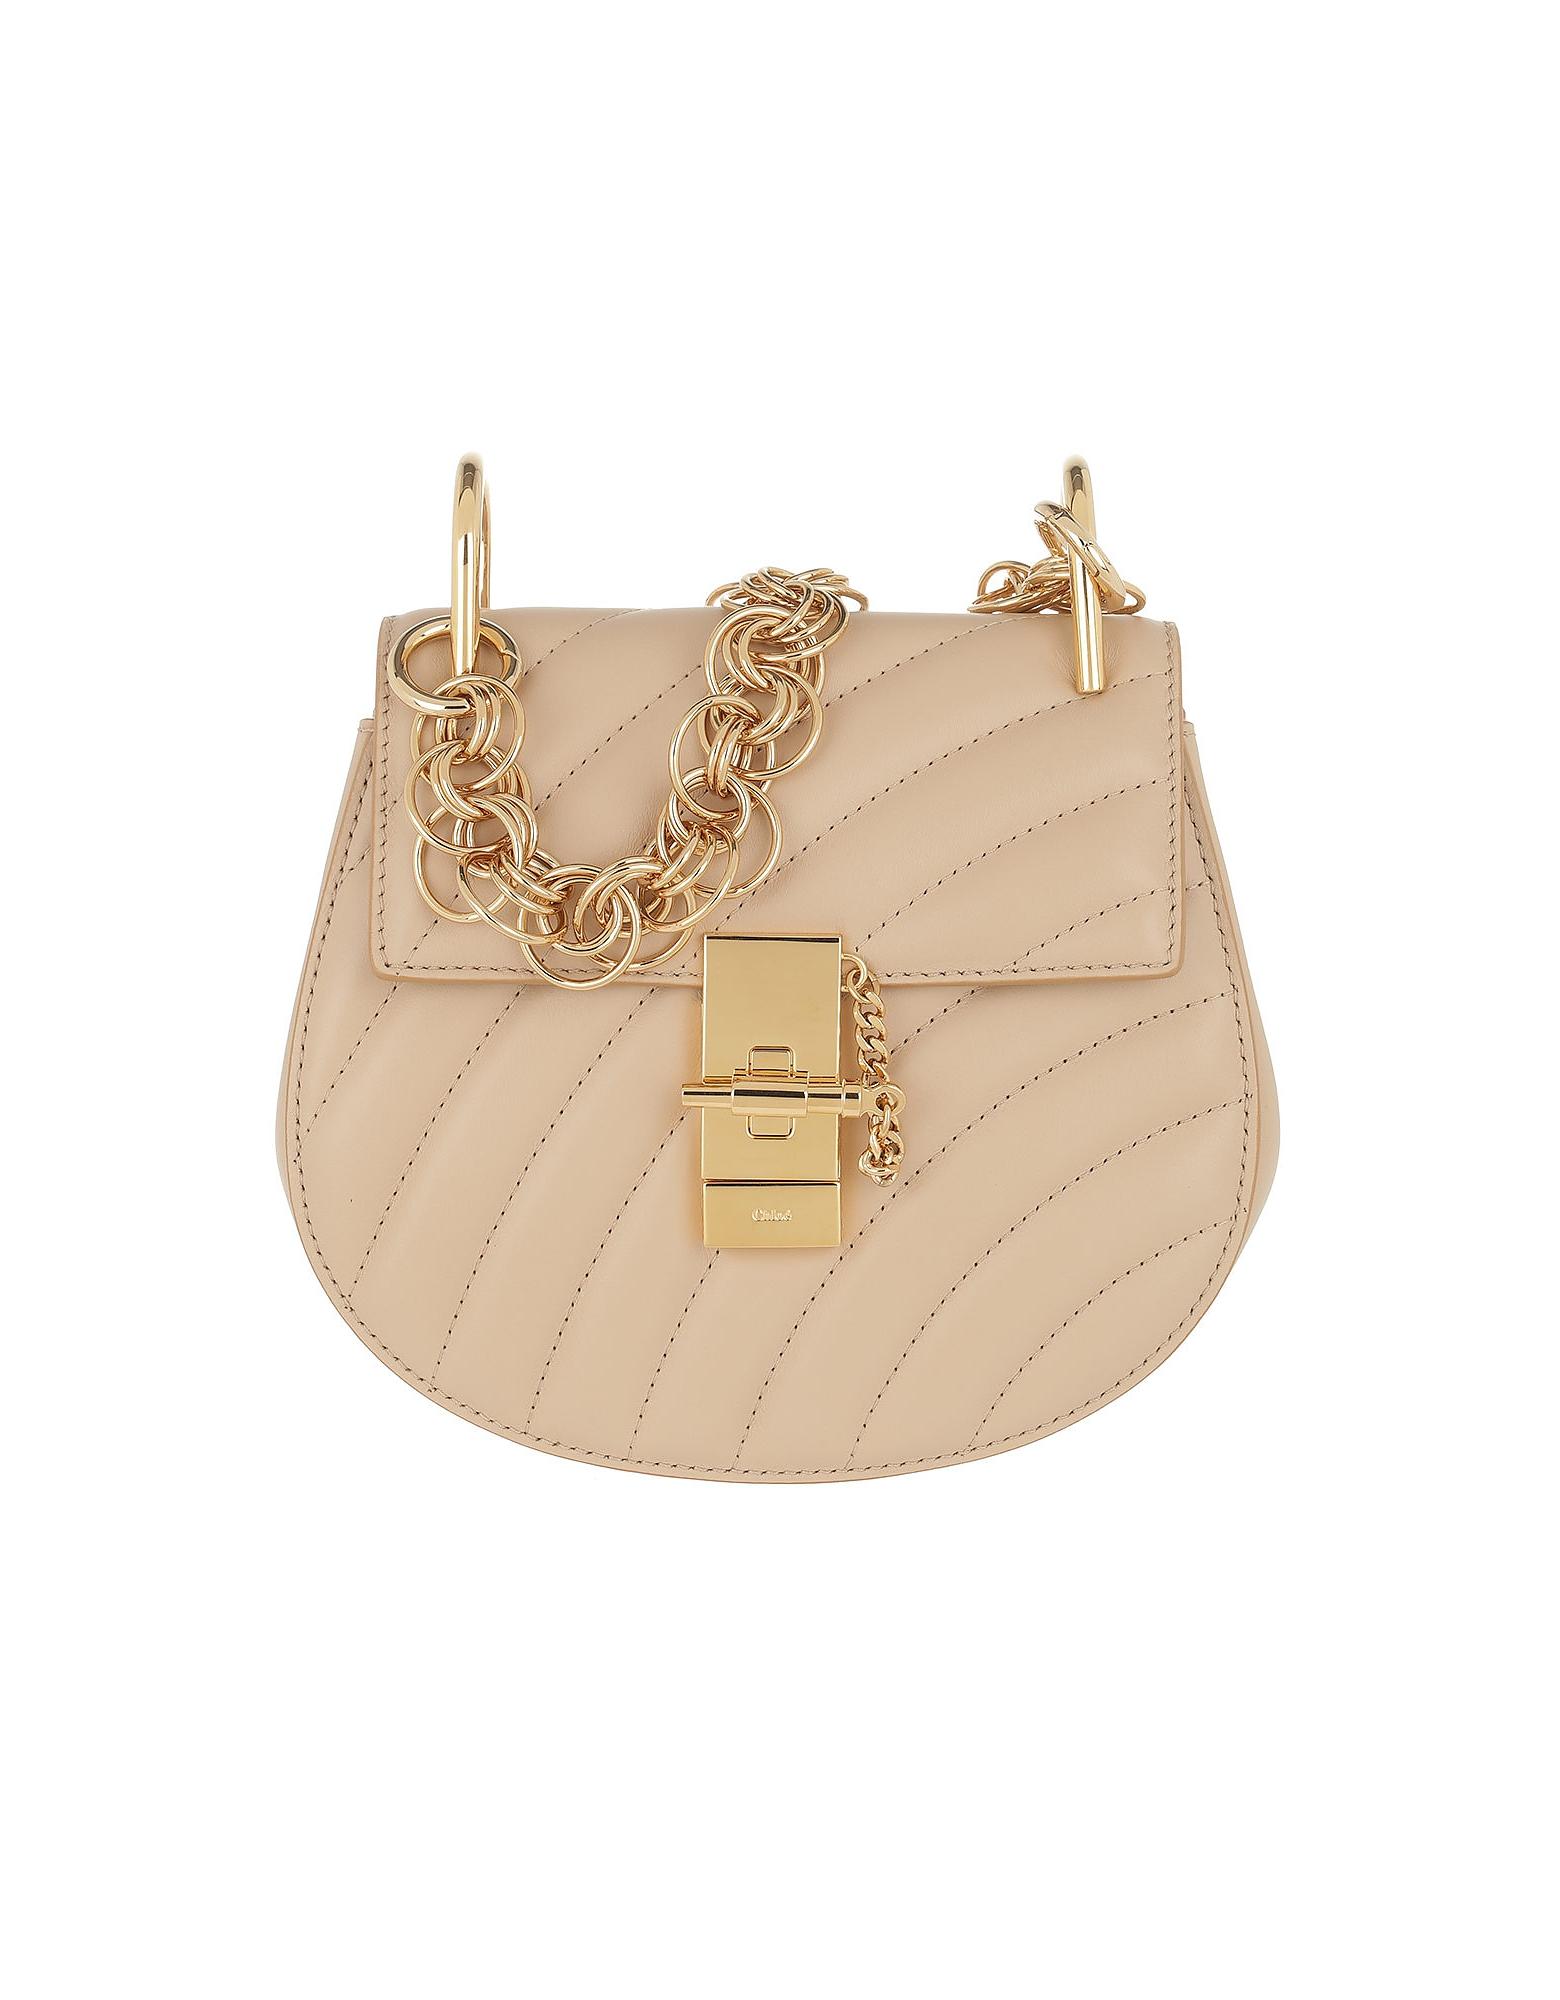 Drew Bijou Mini Leather Pearl Beige